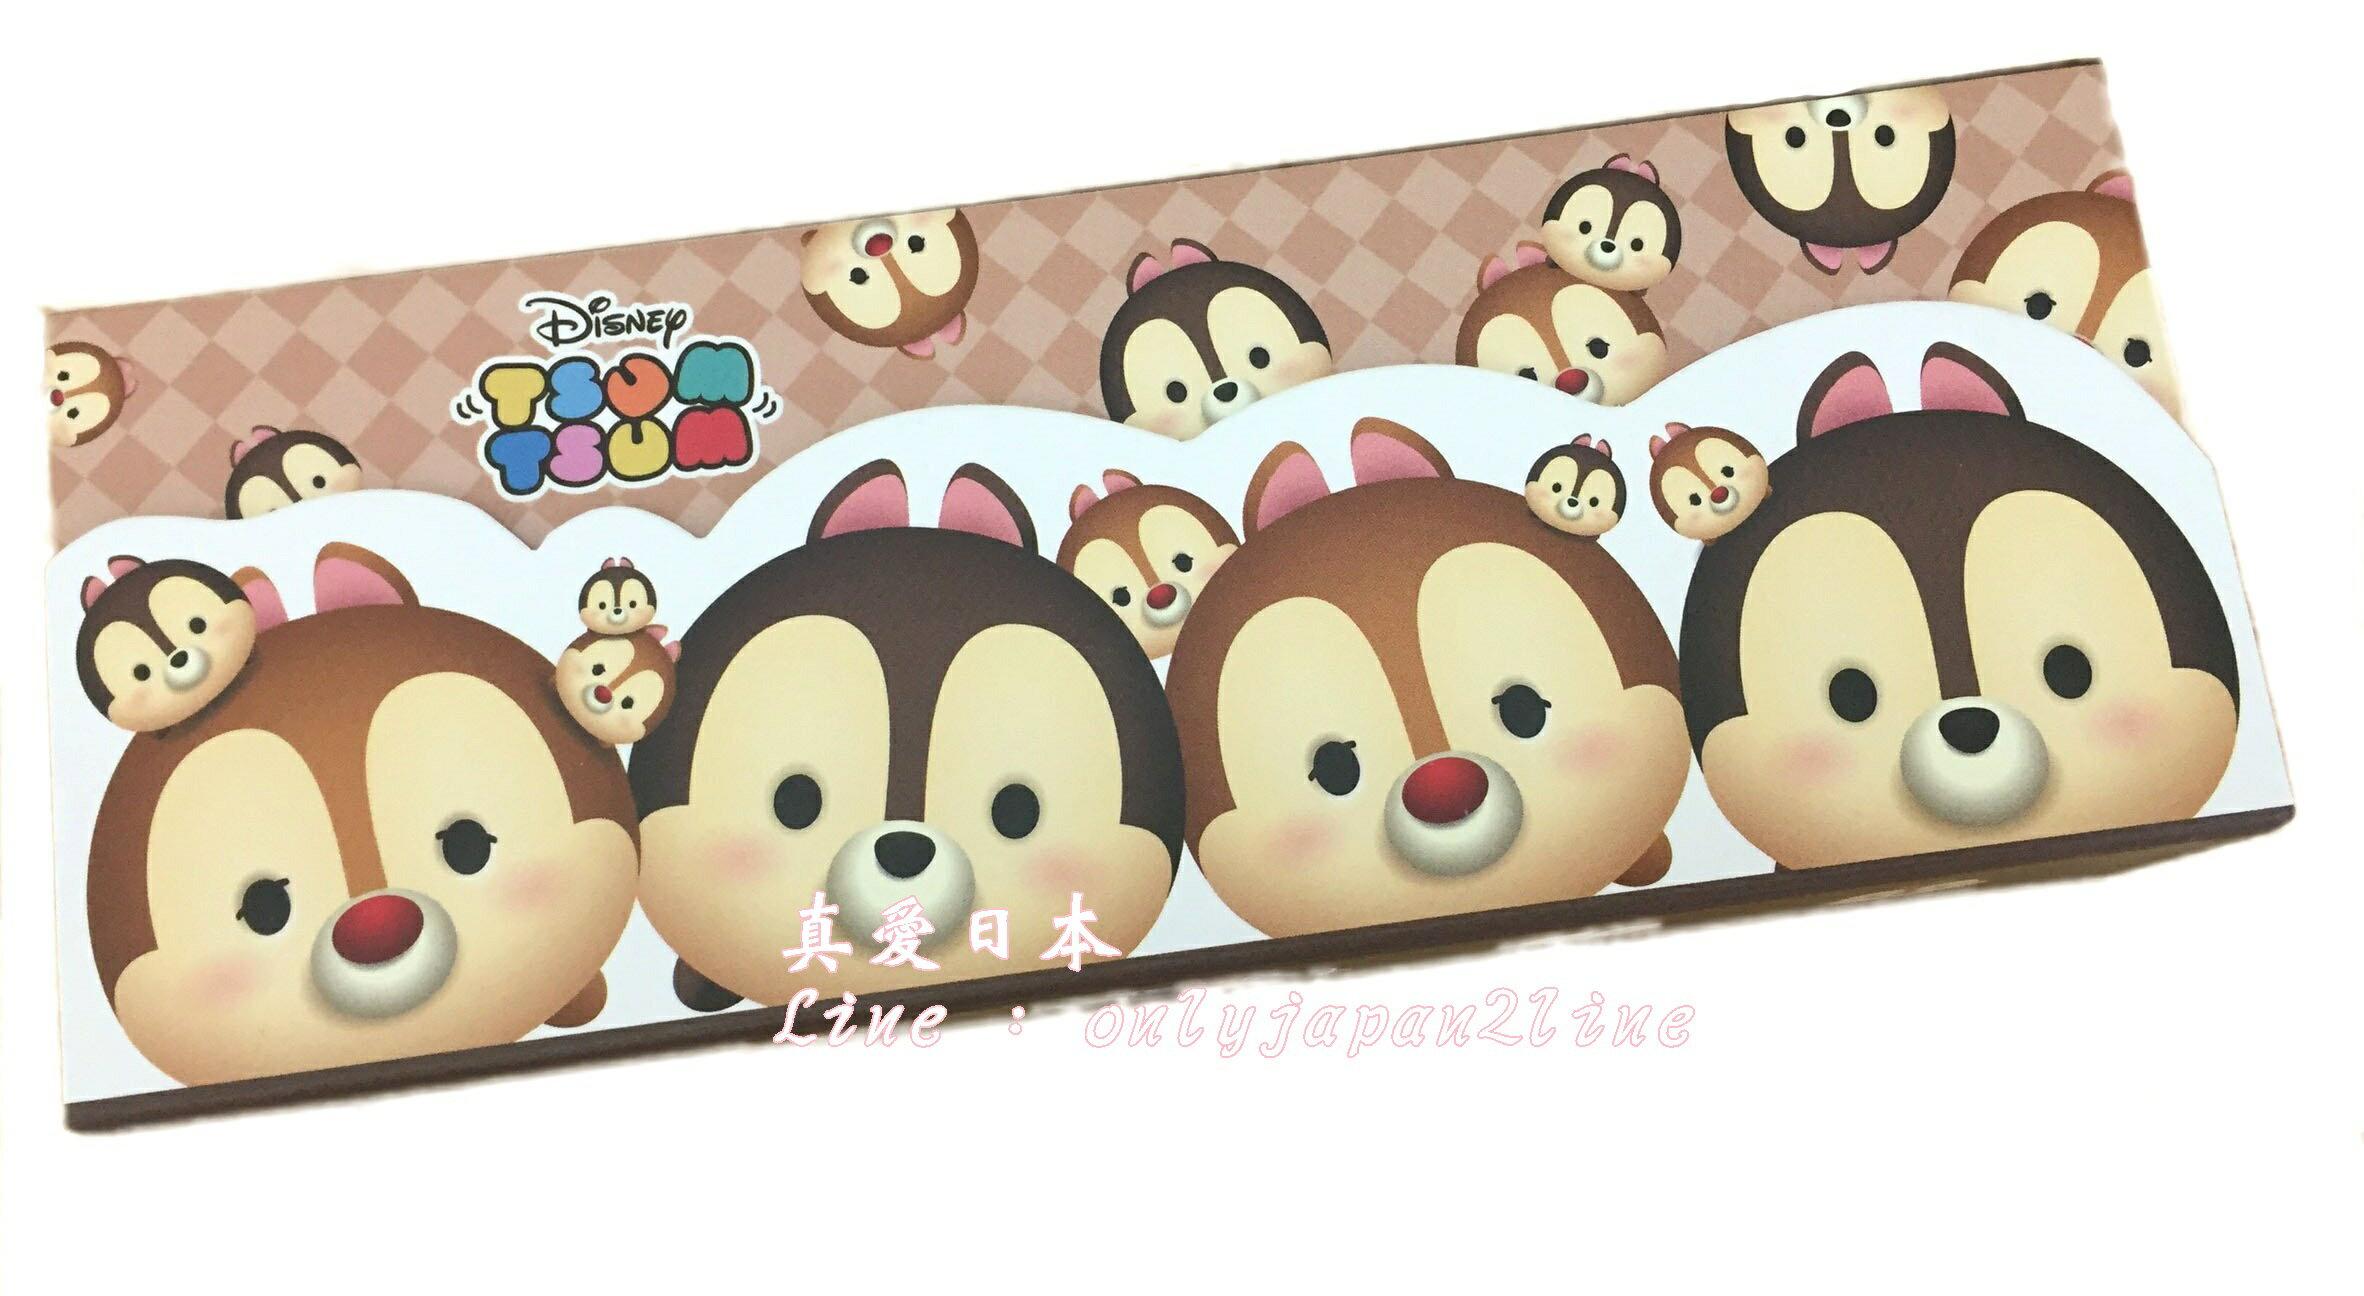 【真愛日本】16063000023TSUM萬用盒-奇奇蒂蒂     迪士尼 花栗鼠 奇奇蒂蒂 松鼠    收納盒  筆盒